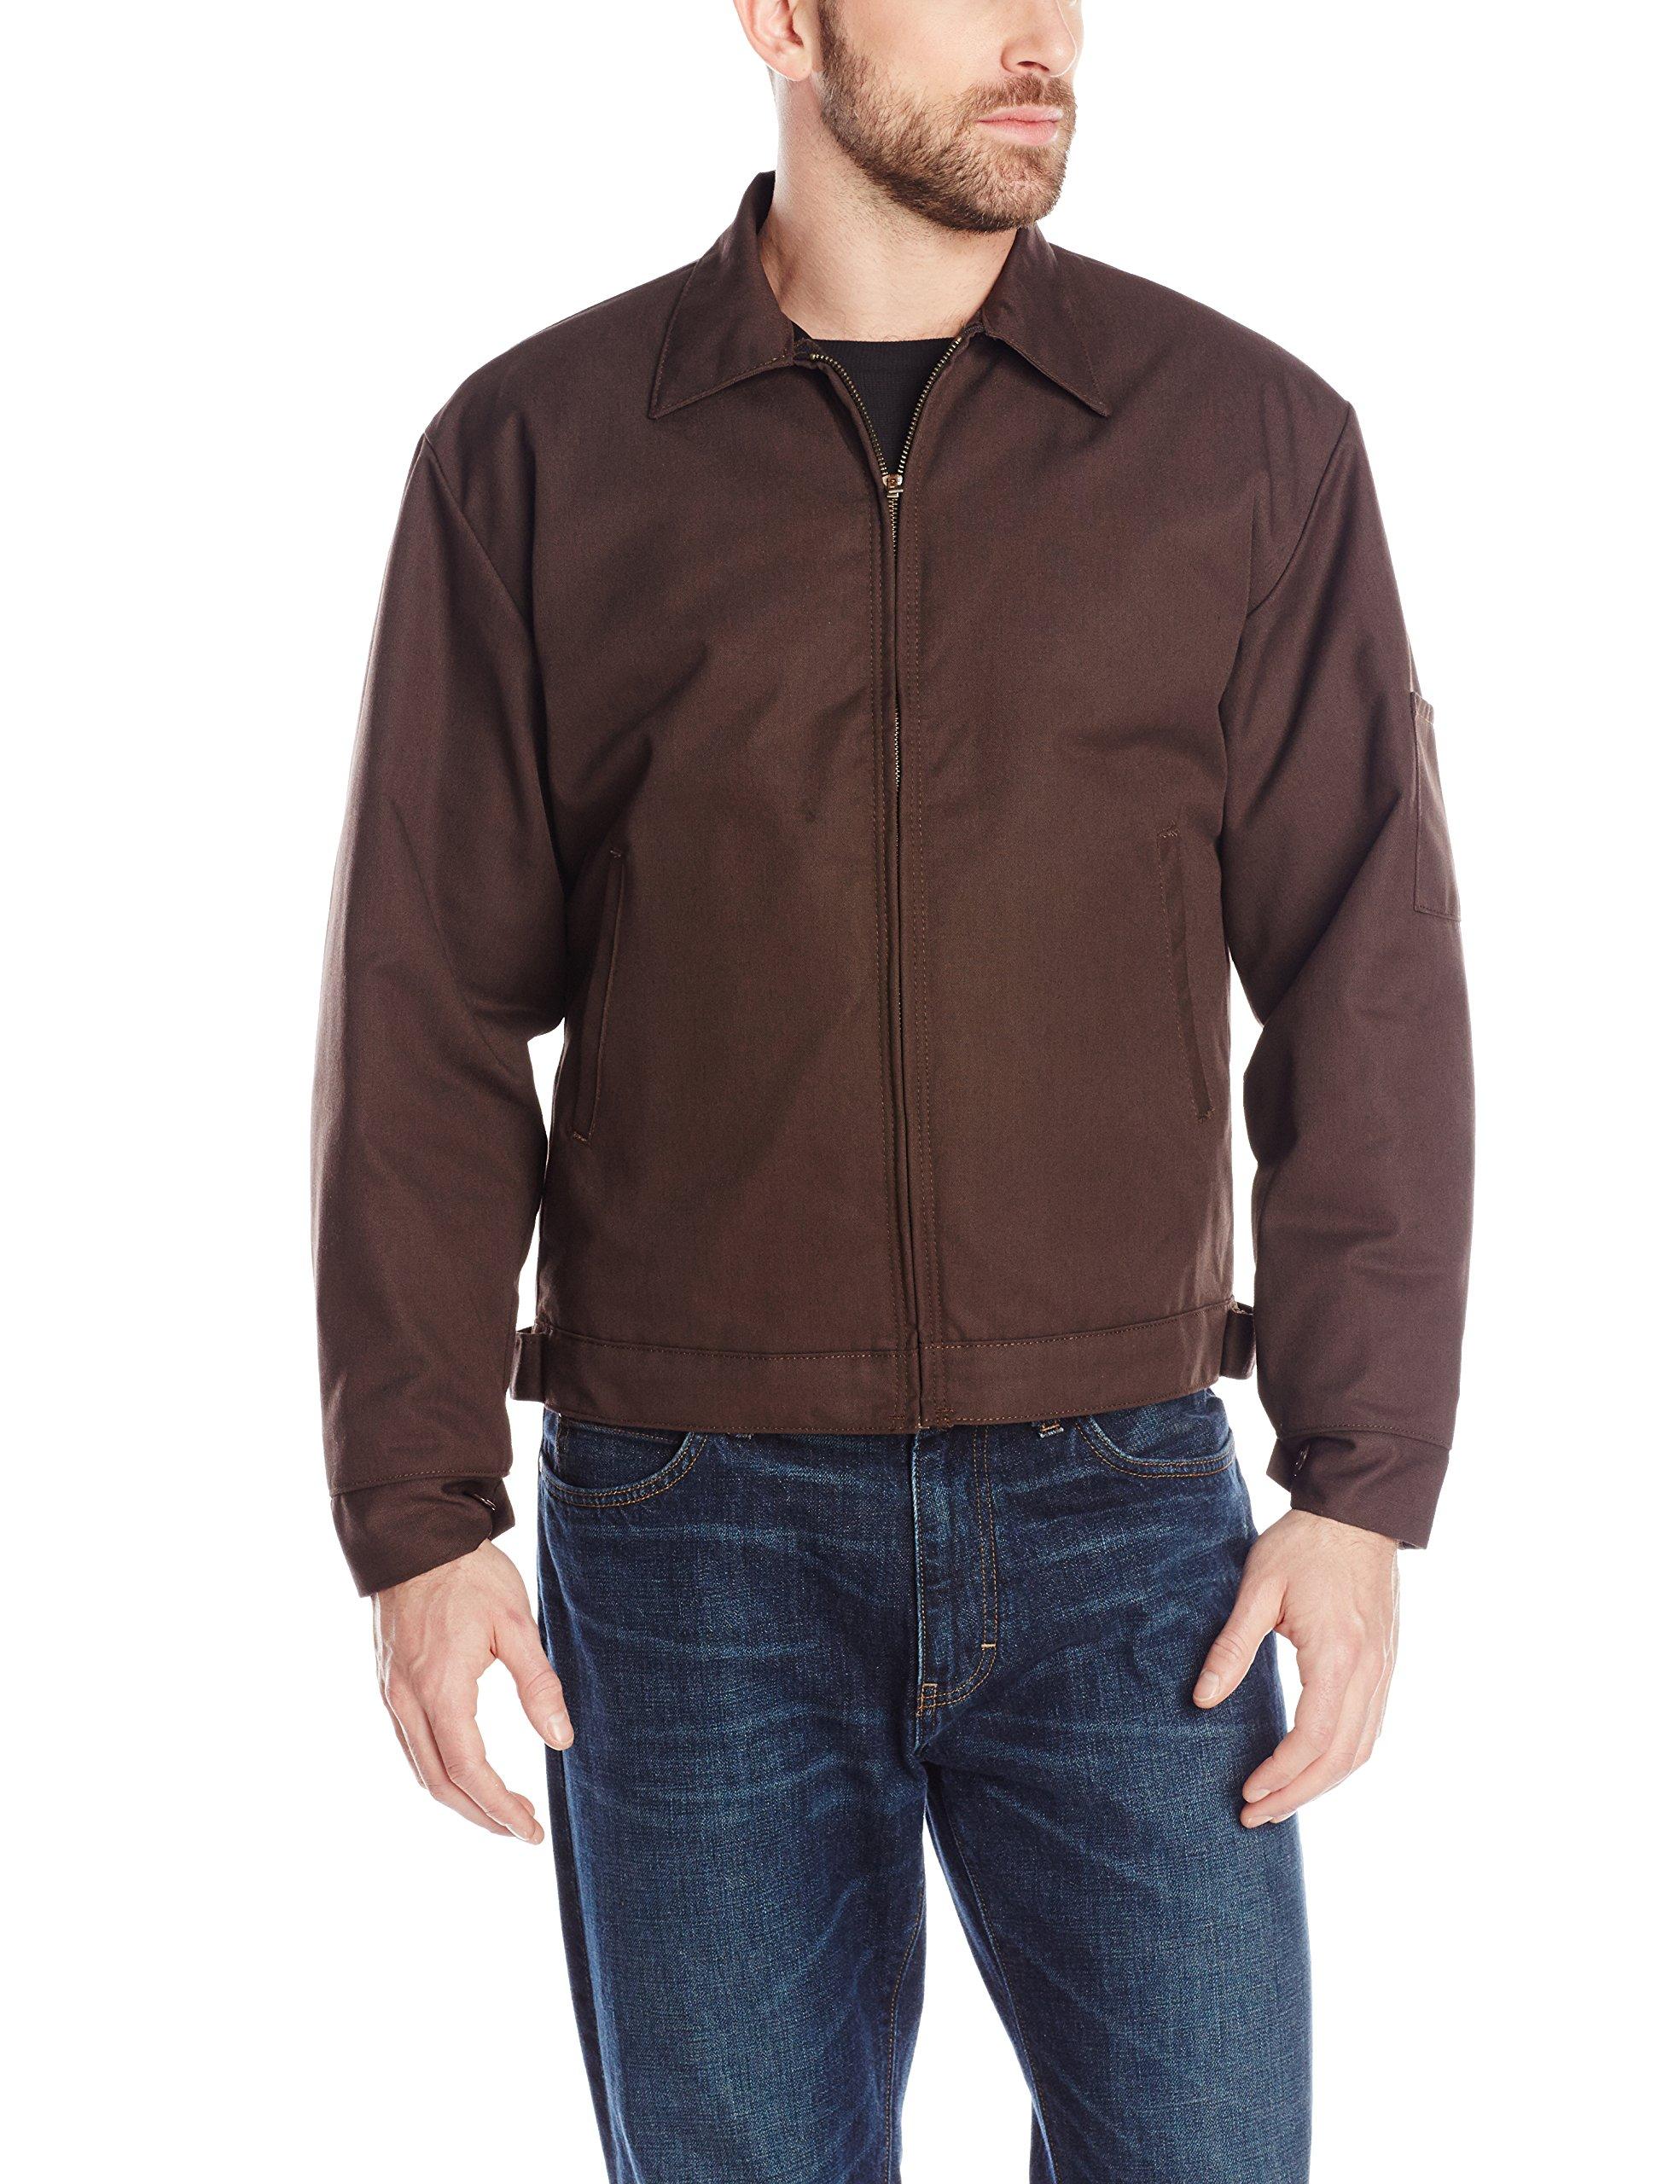 Red Kap Men's Slash Pocket Quilt-Lined Jacket, Brown, Medium by Red Kap